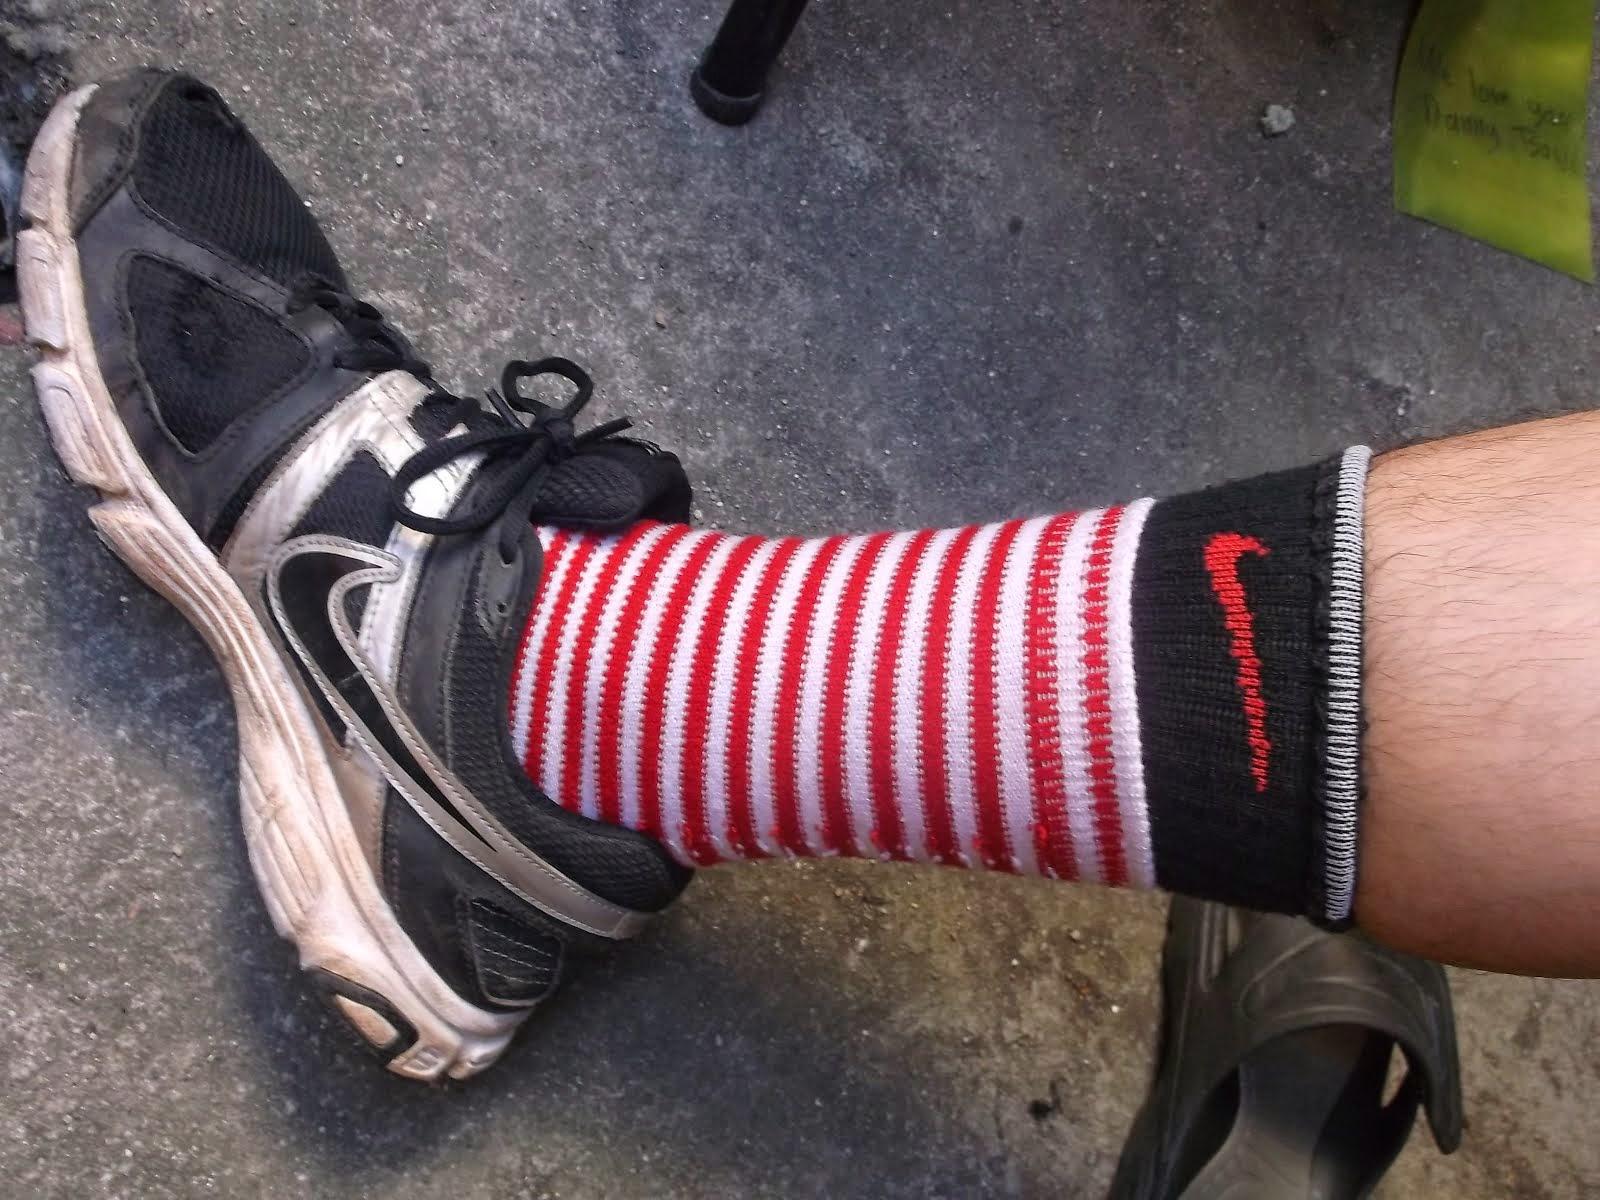 Nice socks E. Haynie